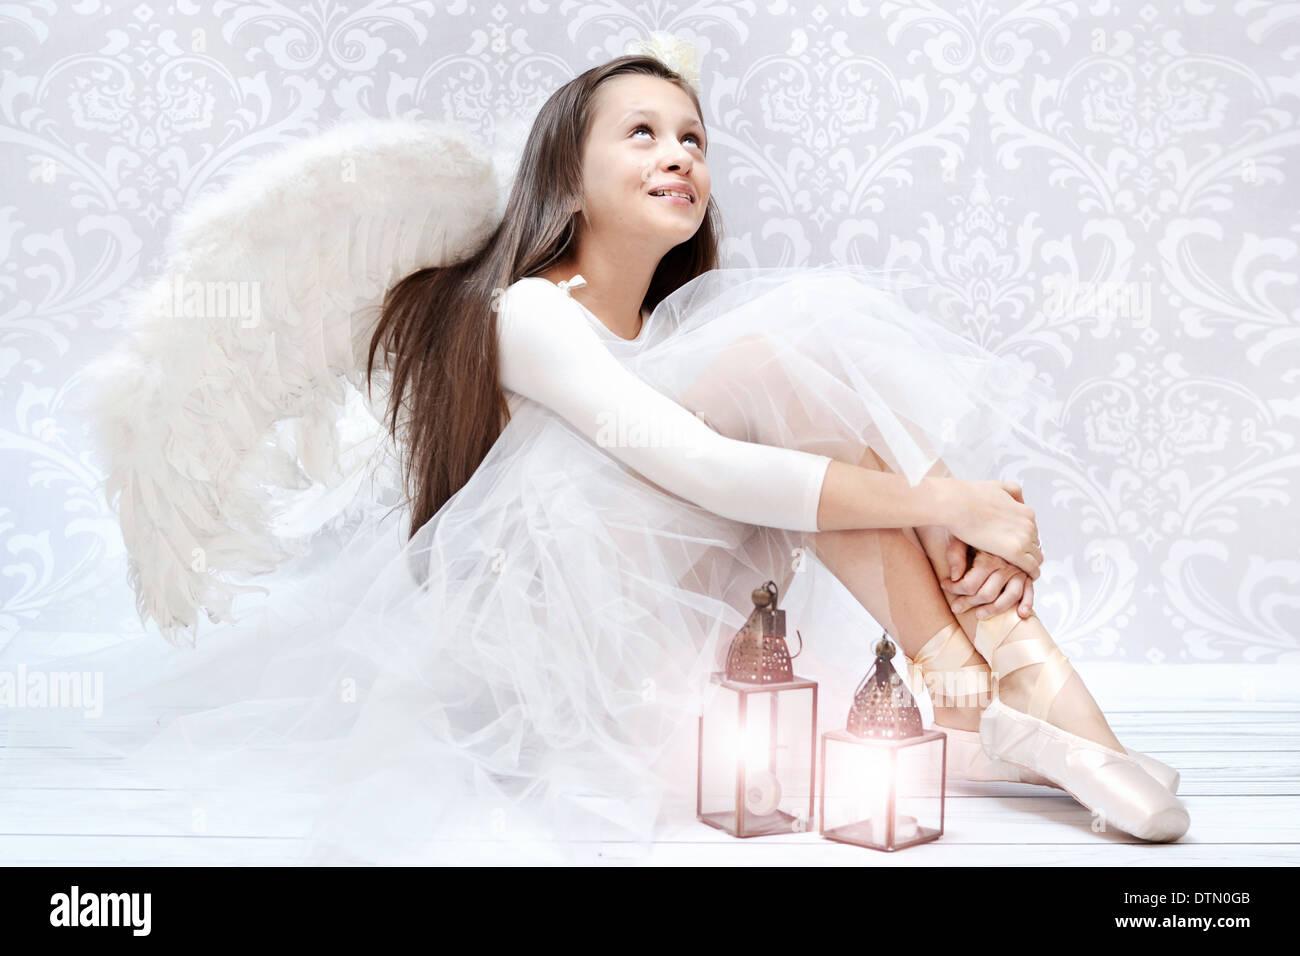 Froh, dass Ballett-Tänzerin nach entscheidenden performarnce Stockbild